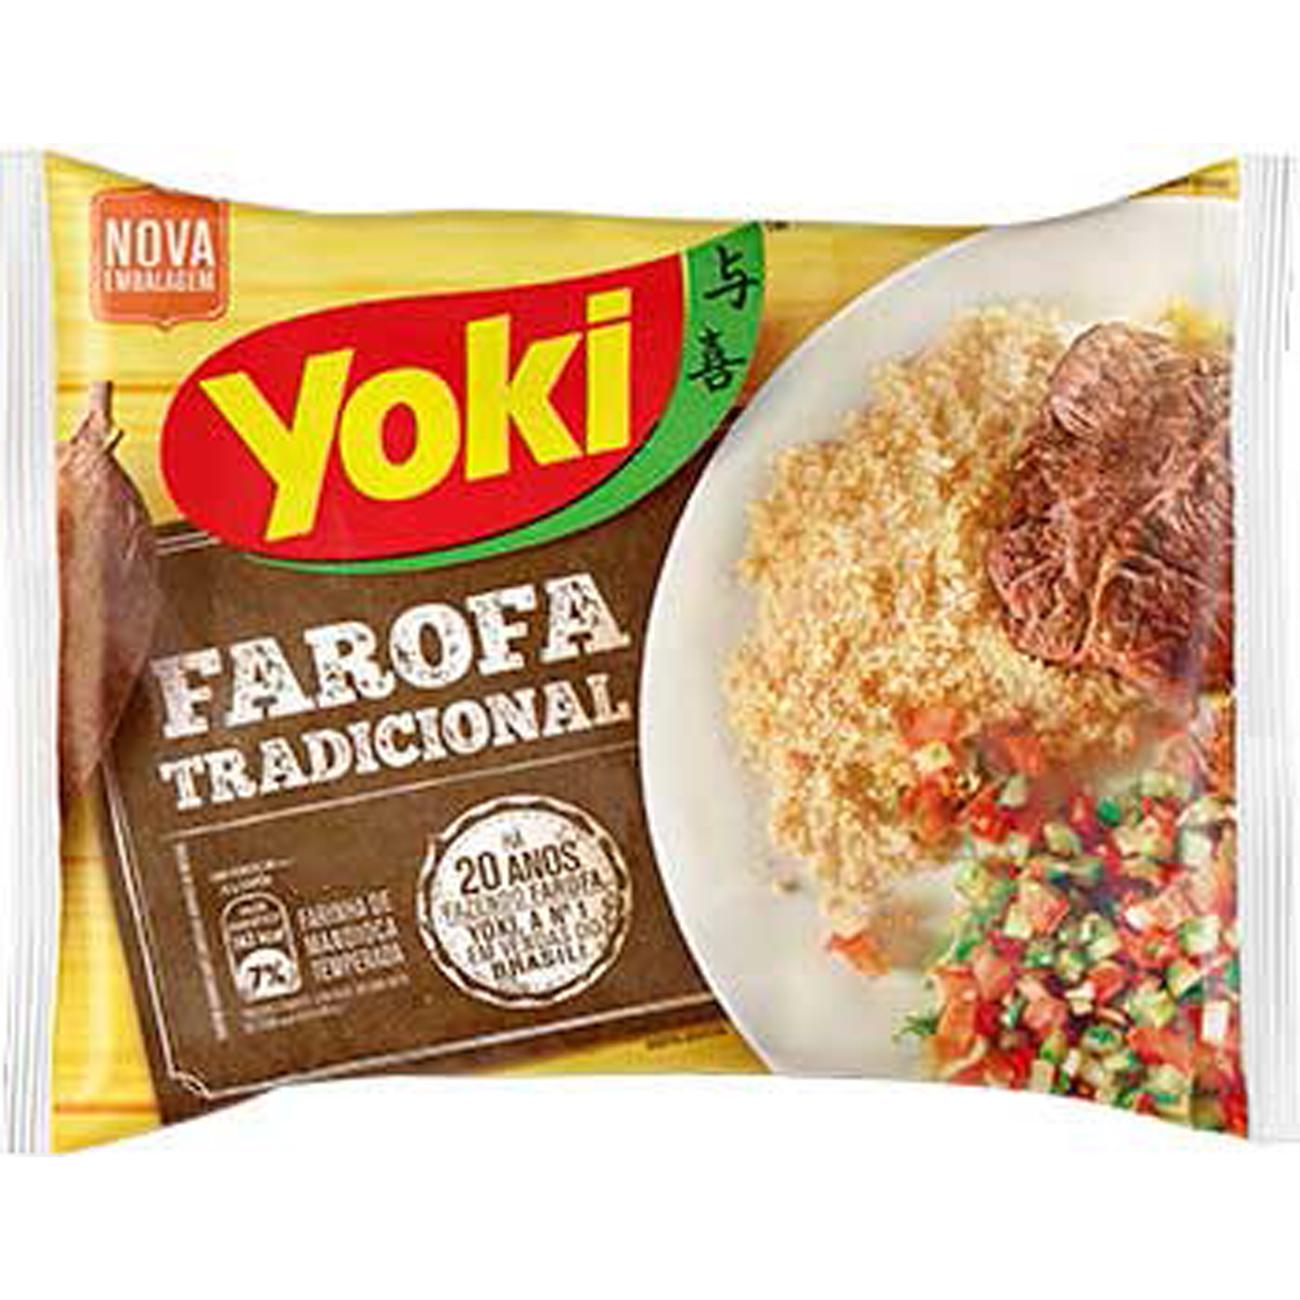 Farofa Mandioca Pronta Yoki 250G